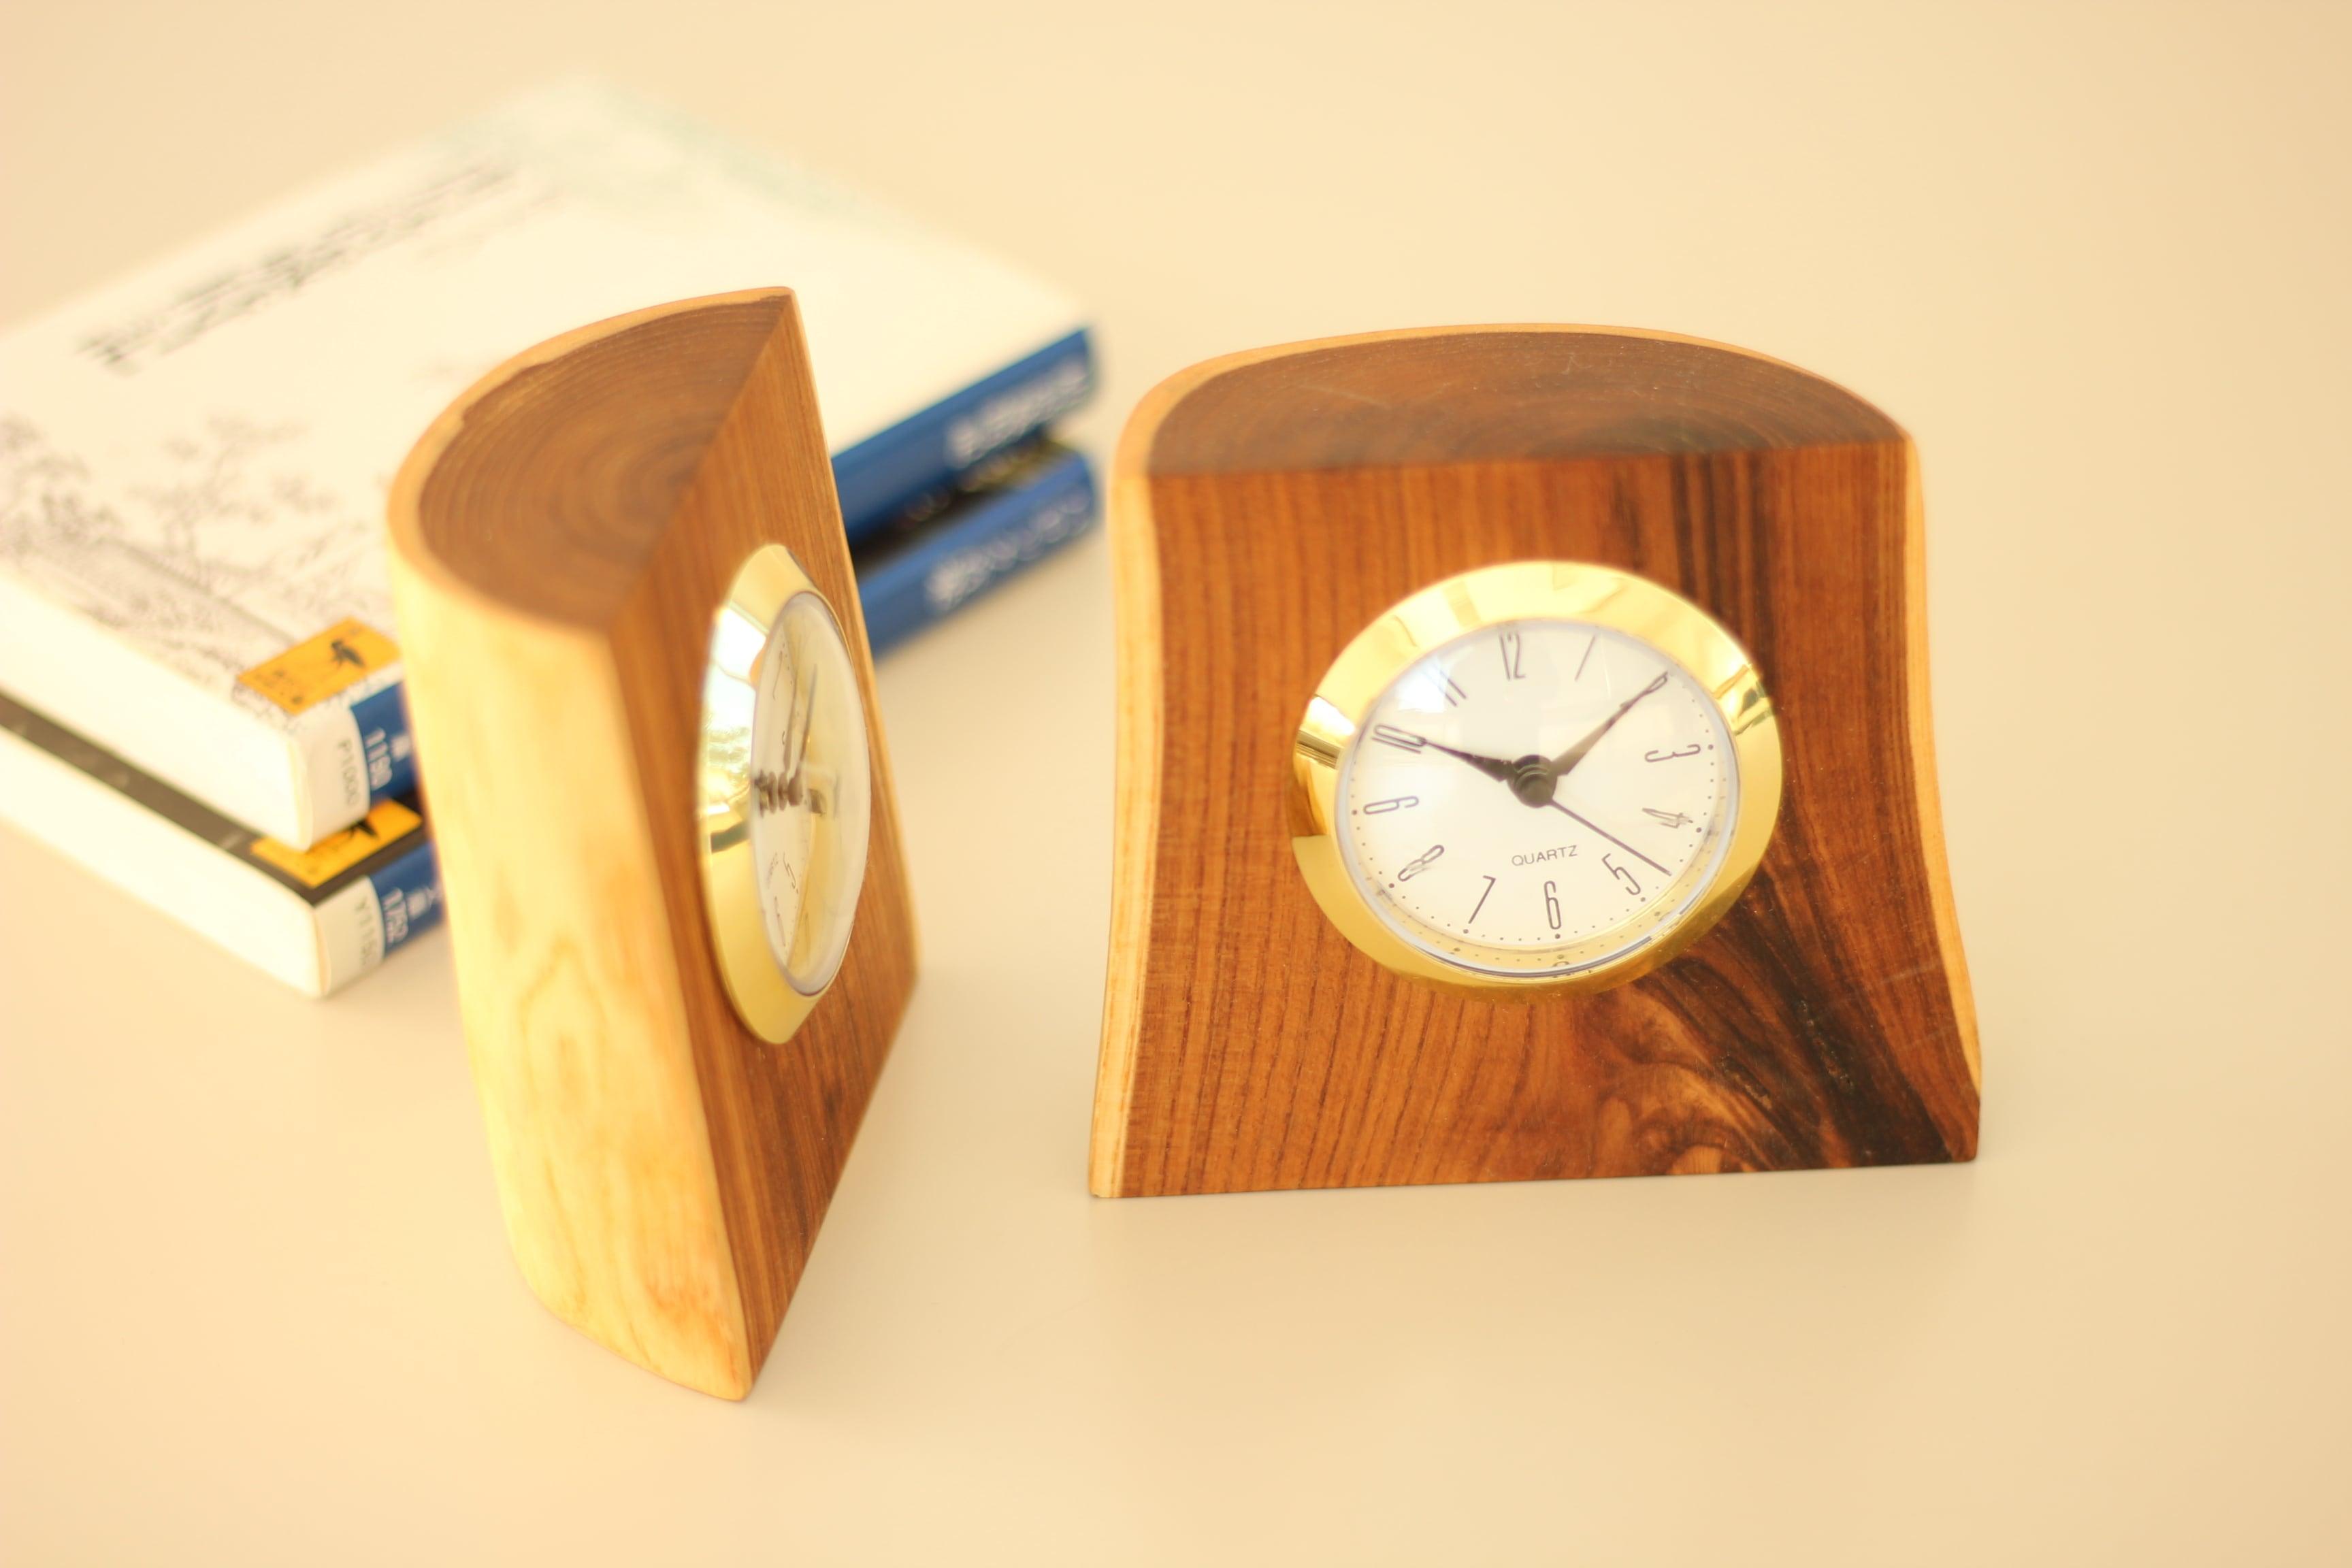 天然木・エンジュ『樹になる時計』(クオーツ式置時計)《延壽》